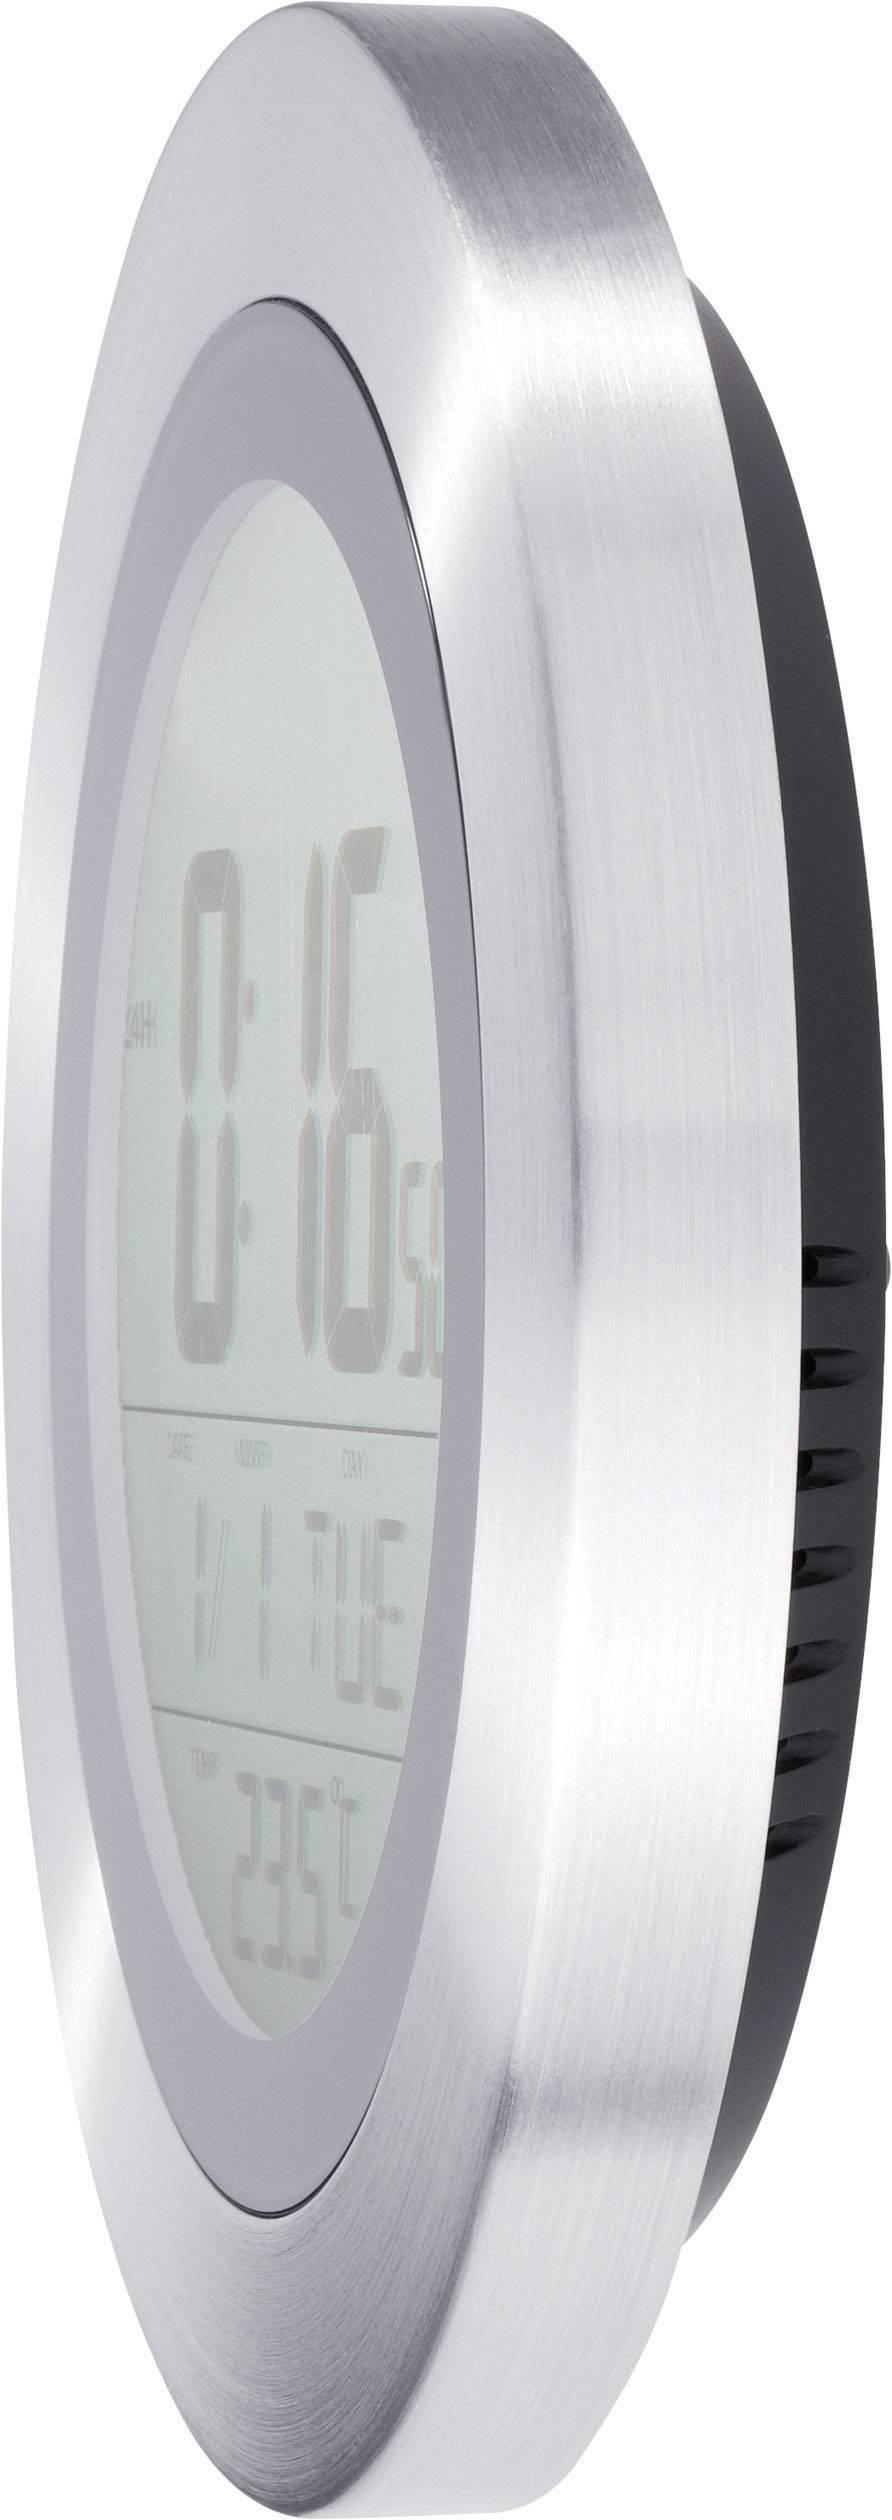 DCF digitálne nástenné hodiny s teplomerom KW 9092, strieborná, čierna